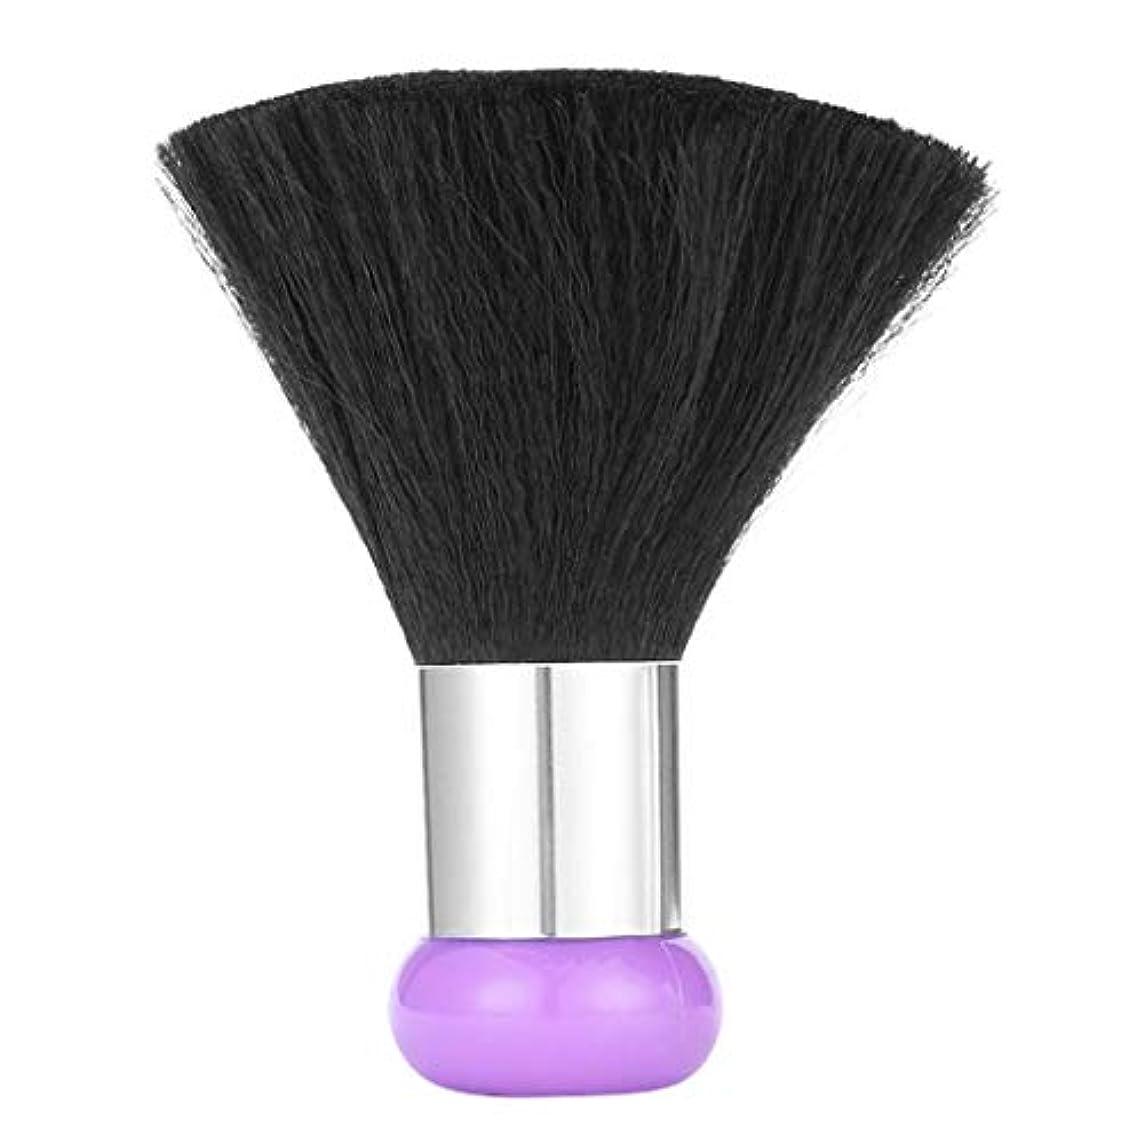 フリル代理店代表ネックダスターブラシ ヘアカット ヘアブラシ クリーナー プロ 美容院 サロン 2色選べ - 紫